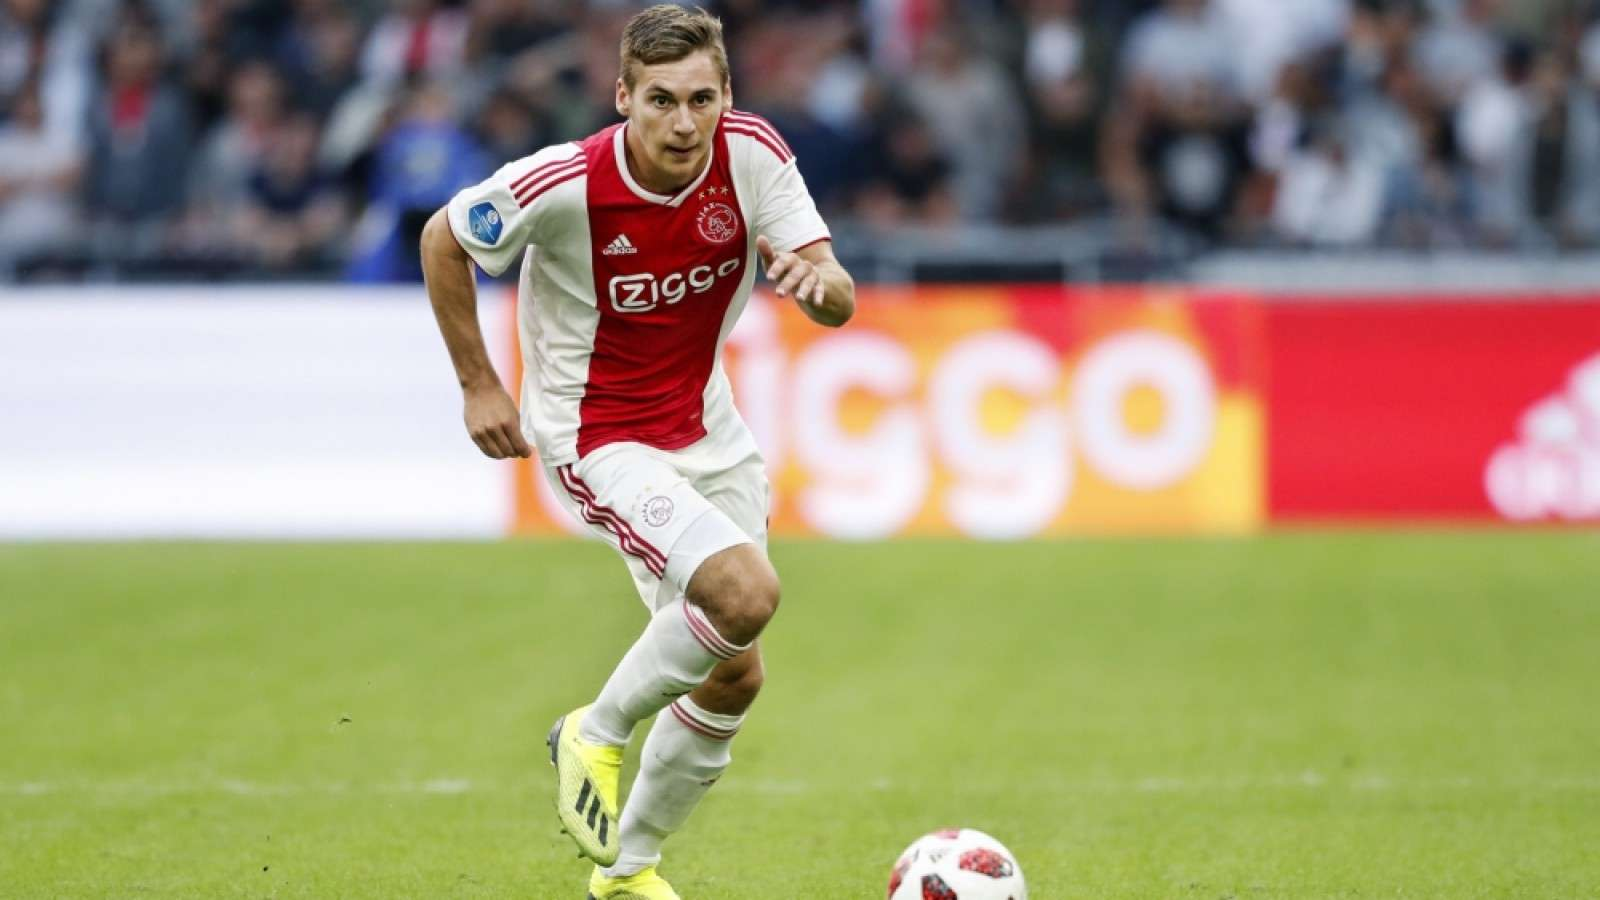 Le FC Seville offre 12M€ pour un jeune talent autrichien